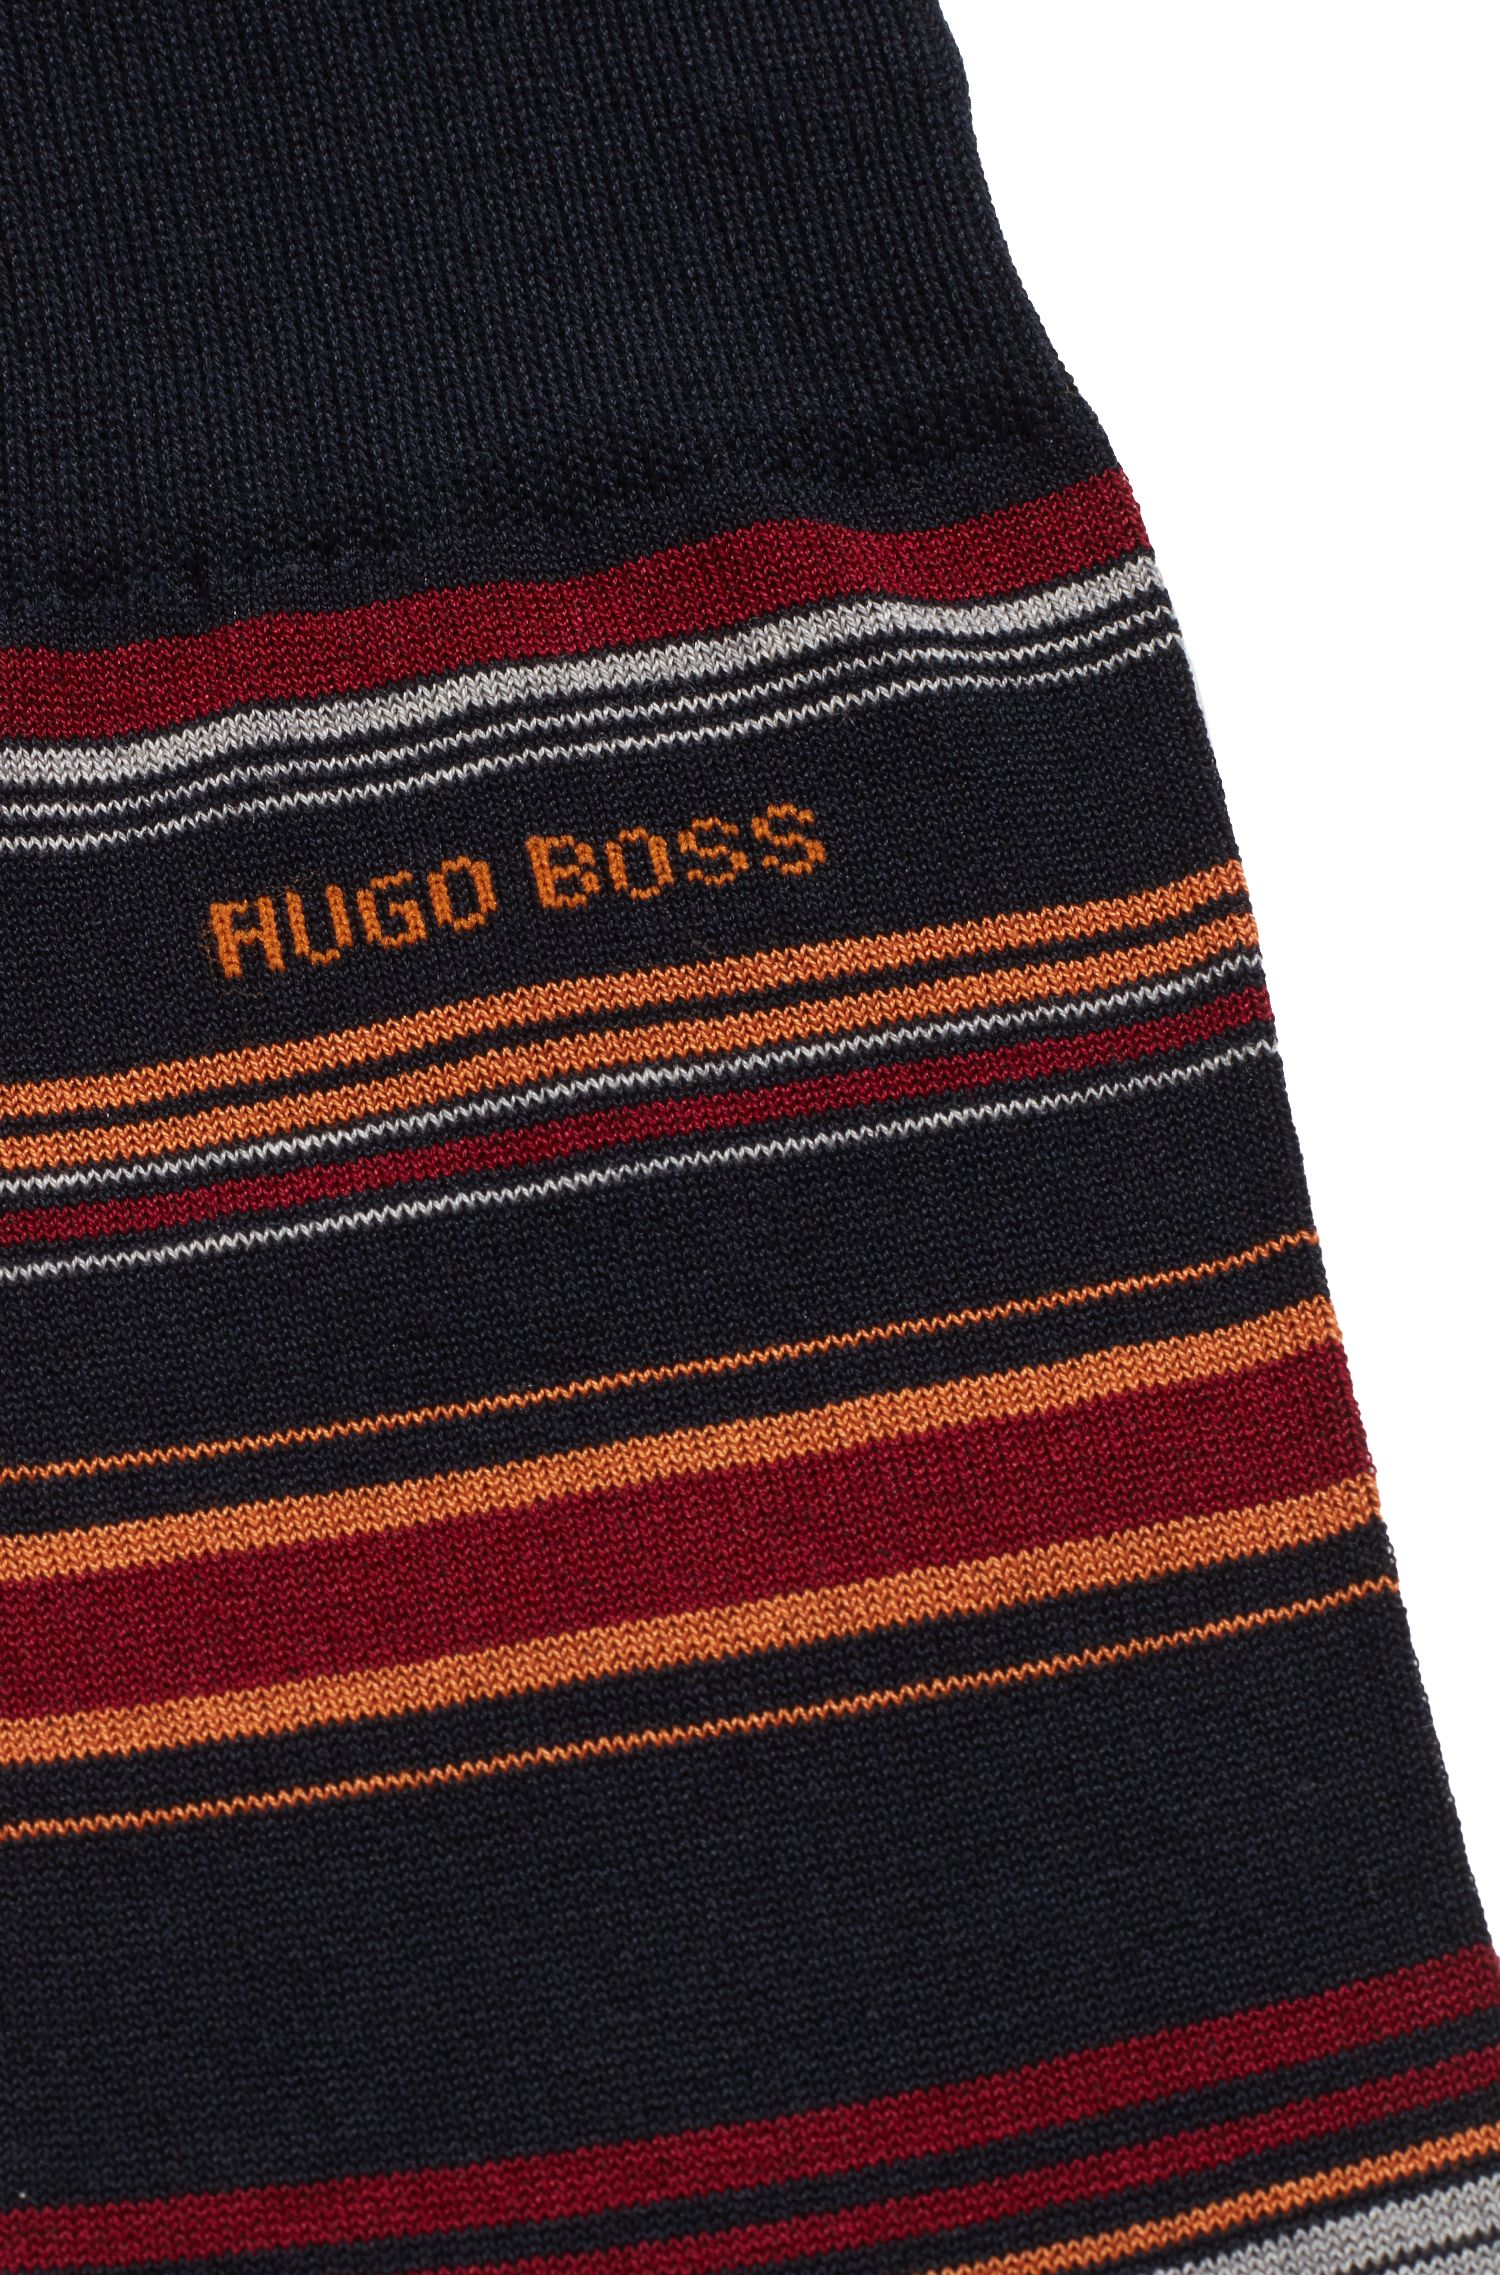 Chaussettes à rayures horizontales en coton mélangé mercerisé, Bleu foncé